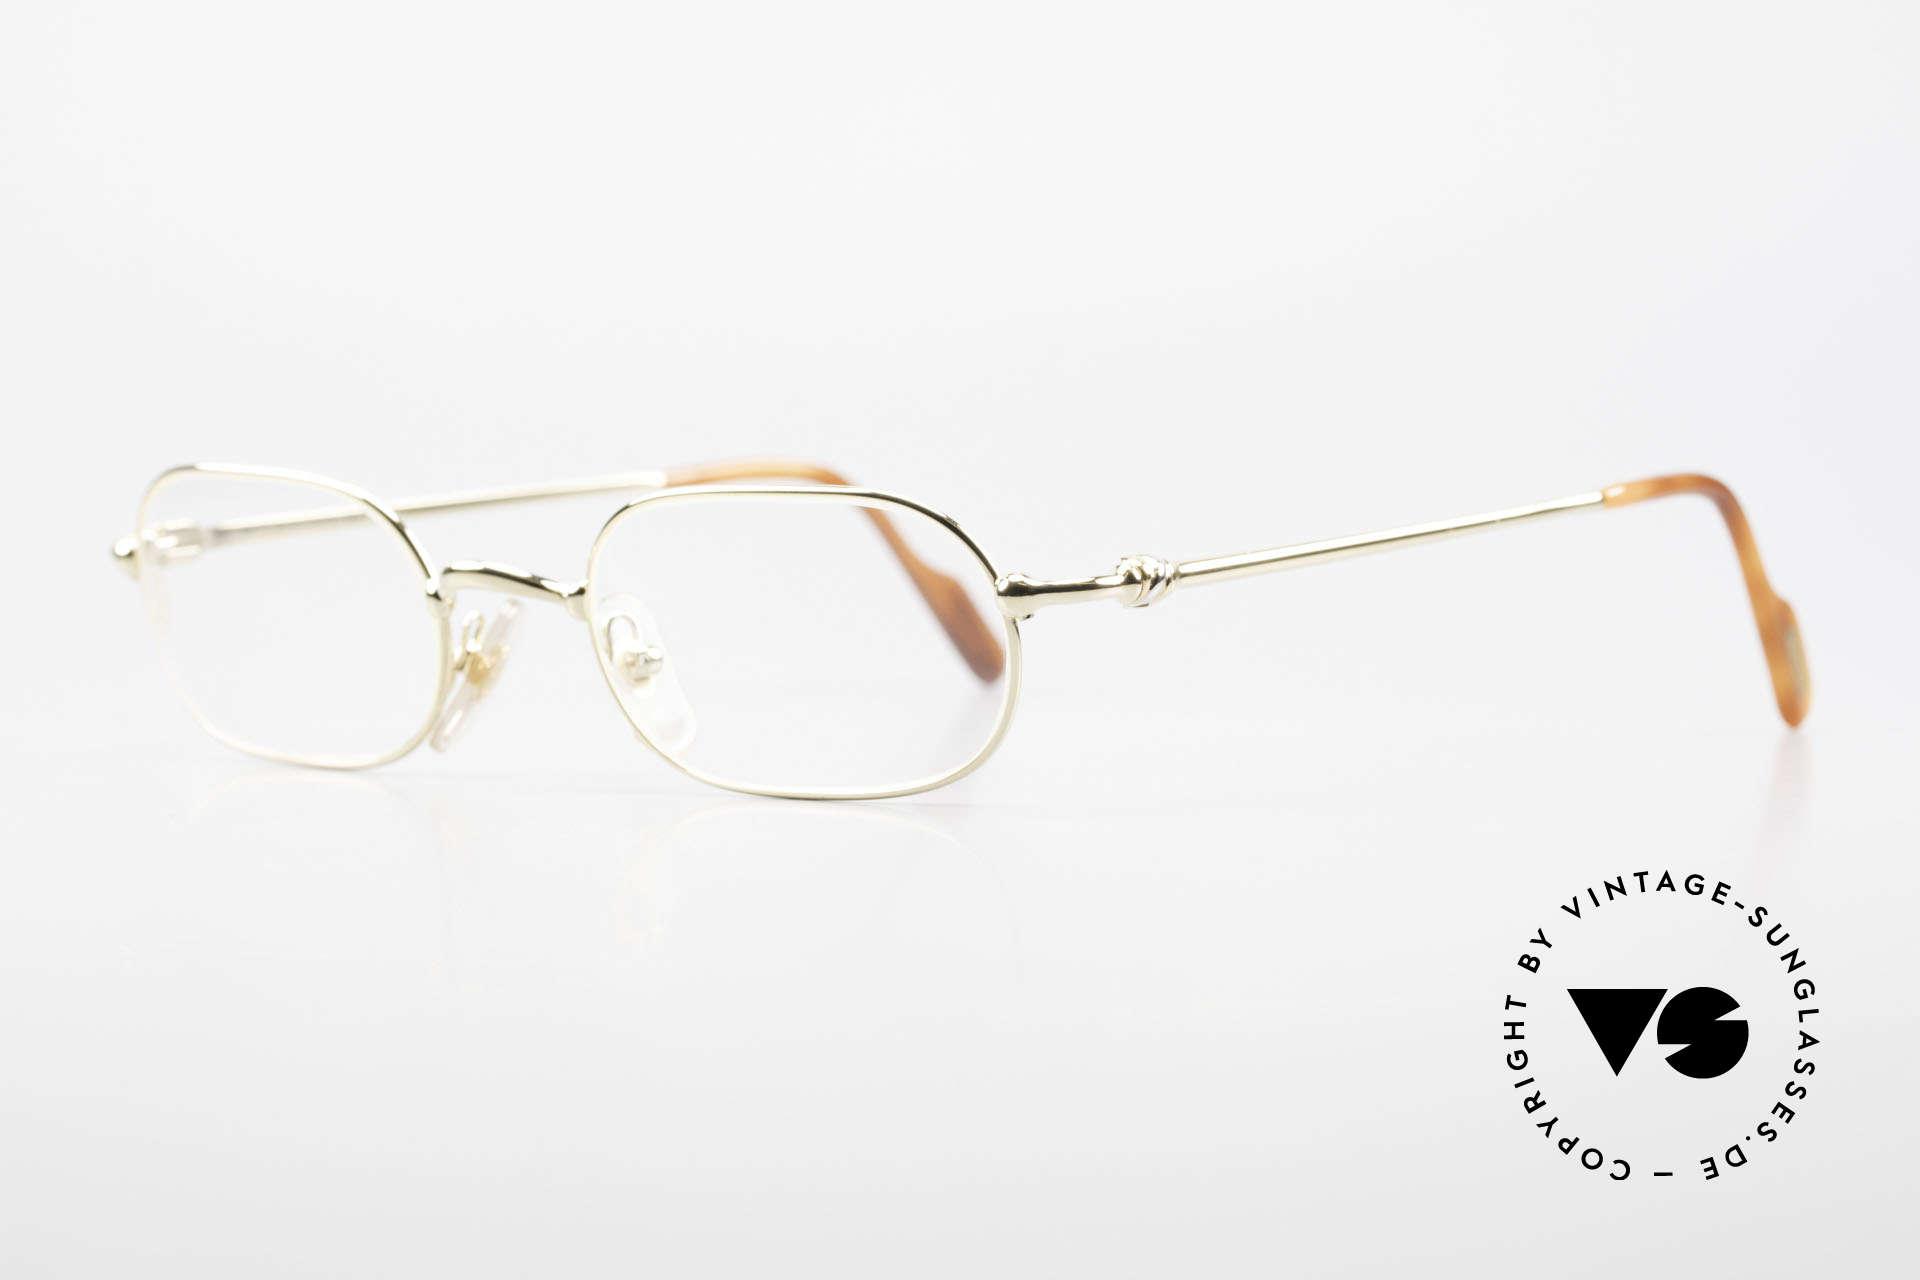 Cartier Orfy 90er Luxusbrille Eckig Unisex, leichter flexibler Rahmen für höchsten Tragekomfort, Passend für Herren und Damen